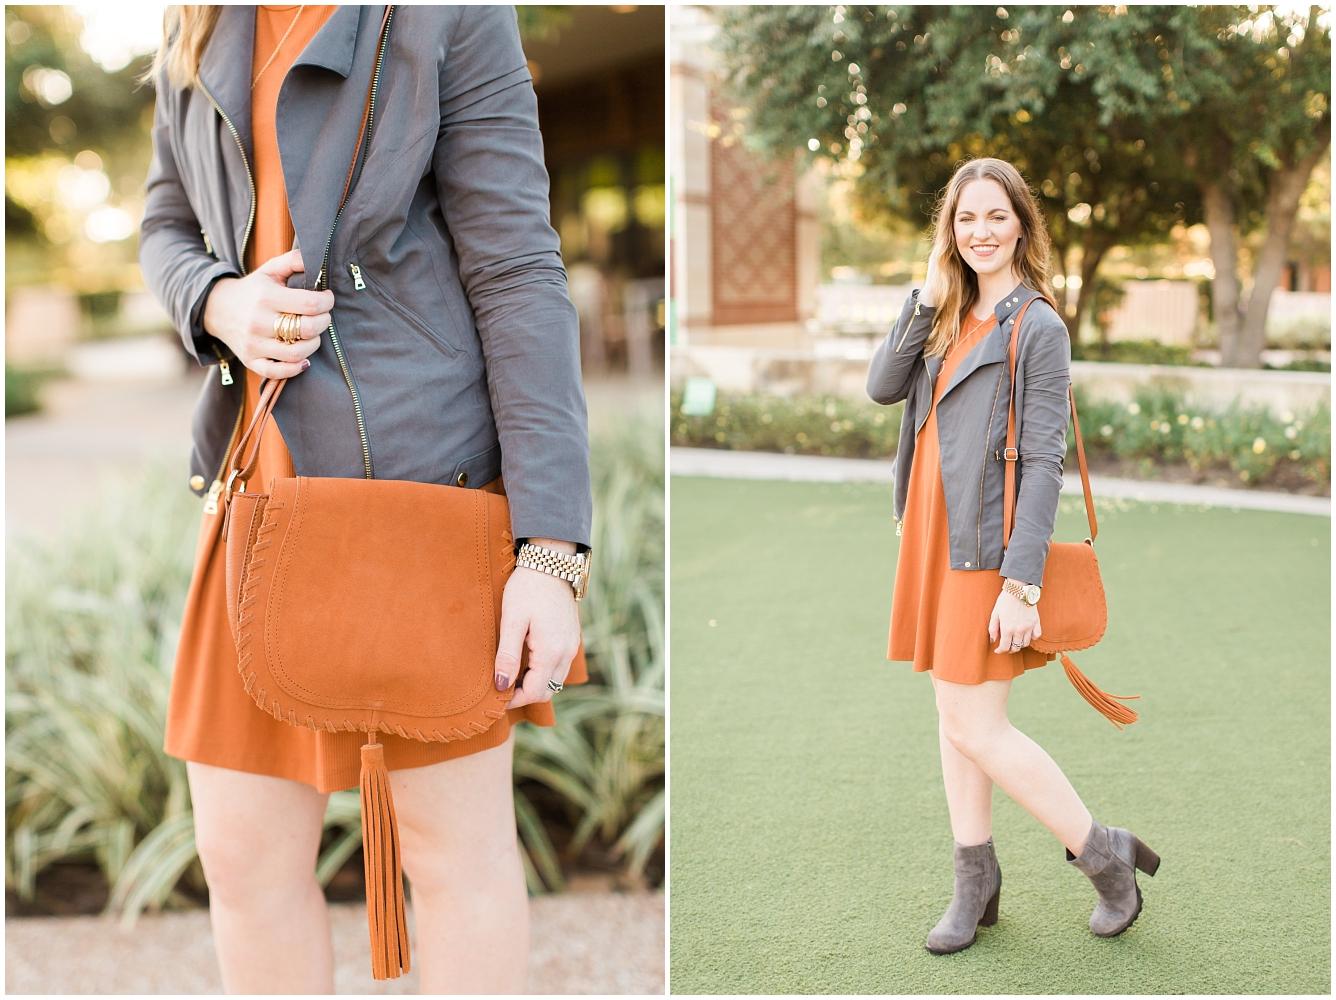 houston-tx-fashion-blogger-photographer-18